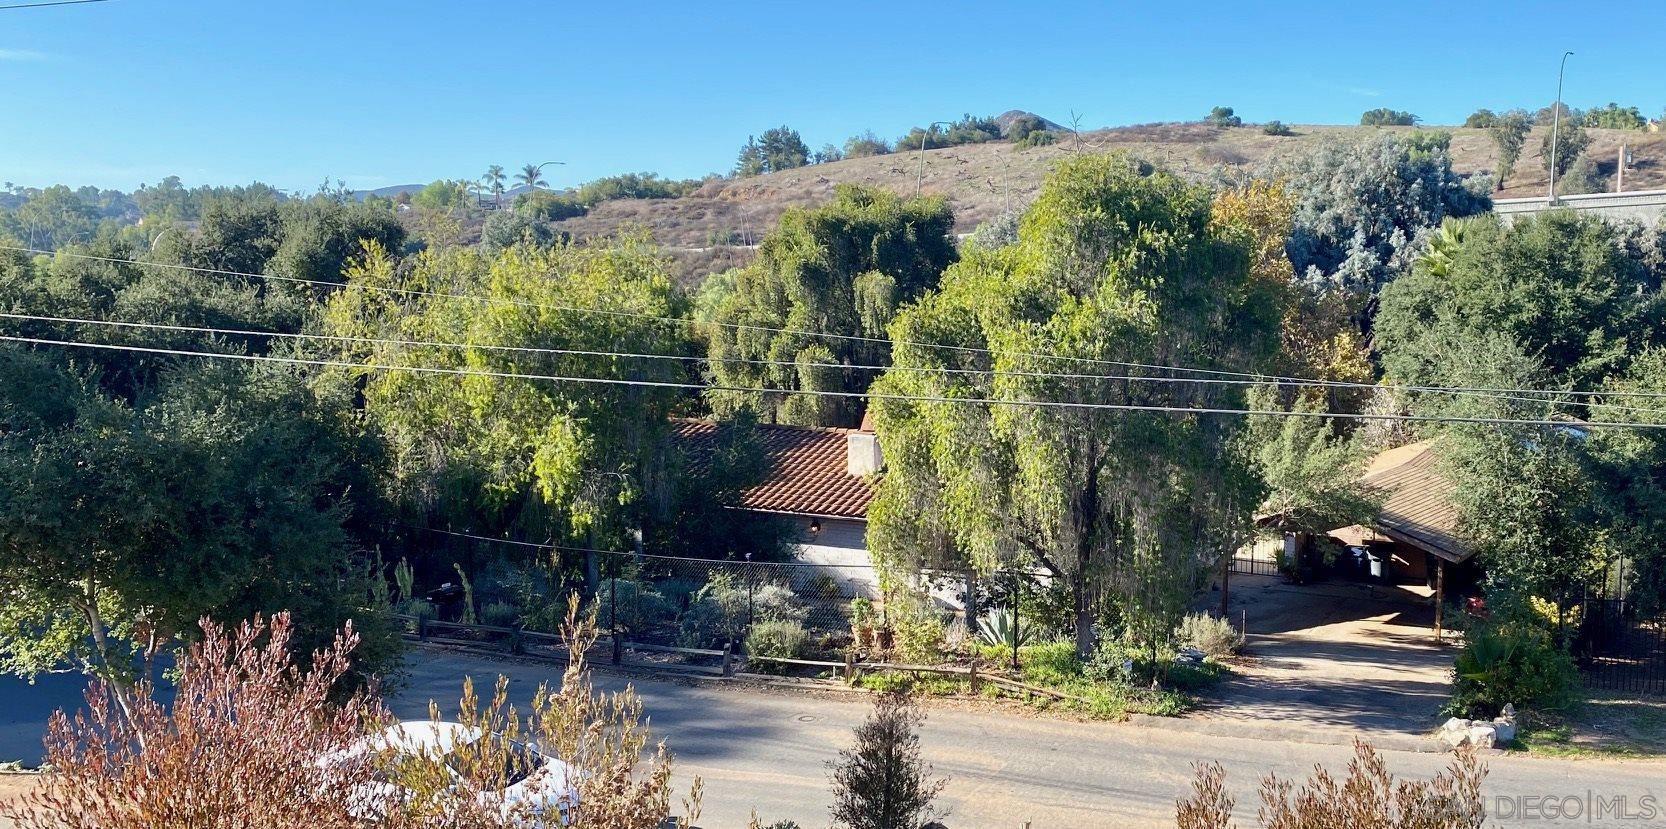 3039 El Ku Ave, Escondido, CA 92025 - MLS#: 200052558